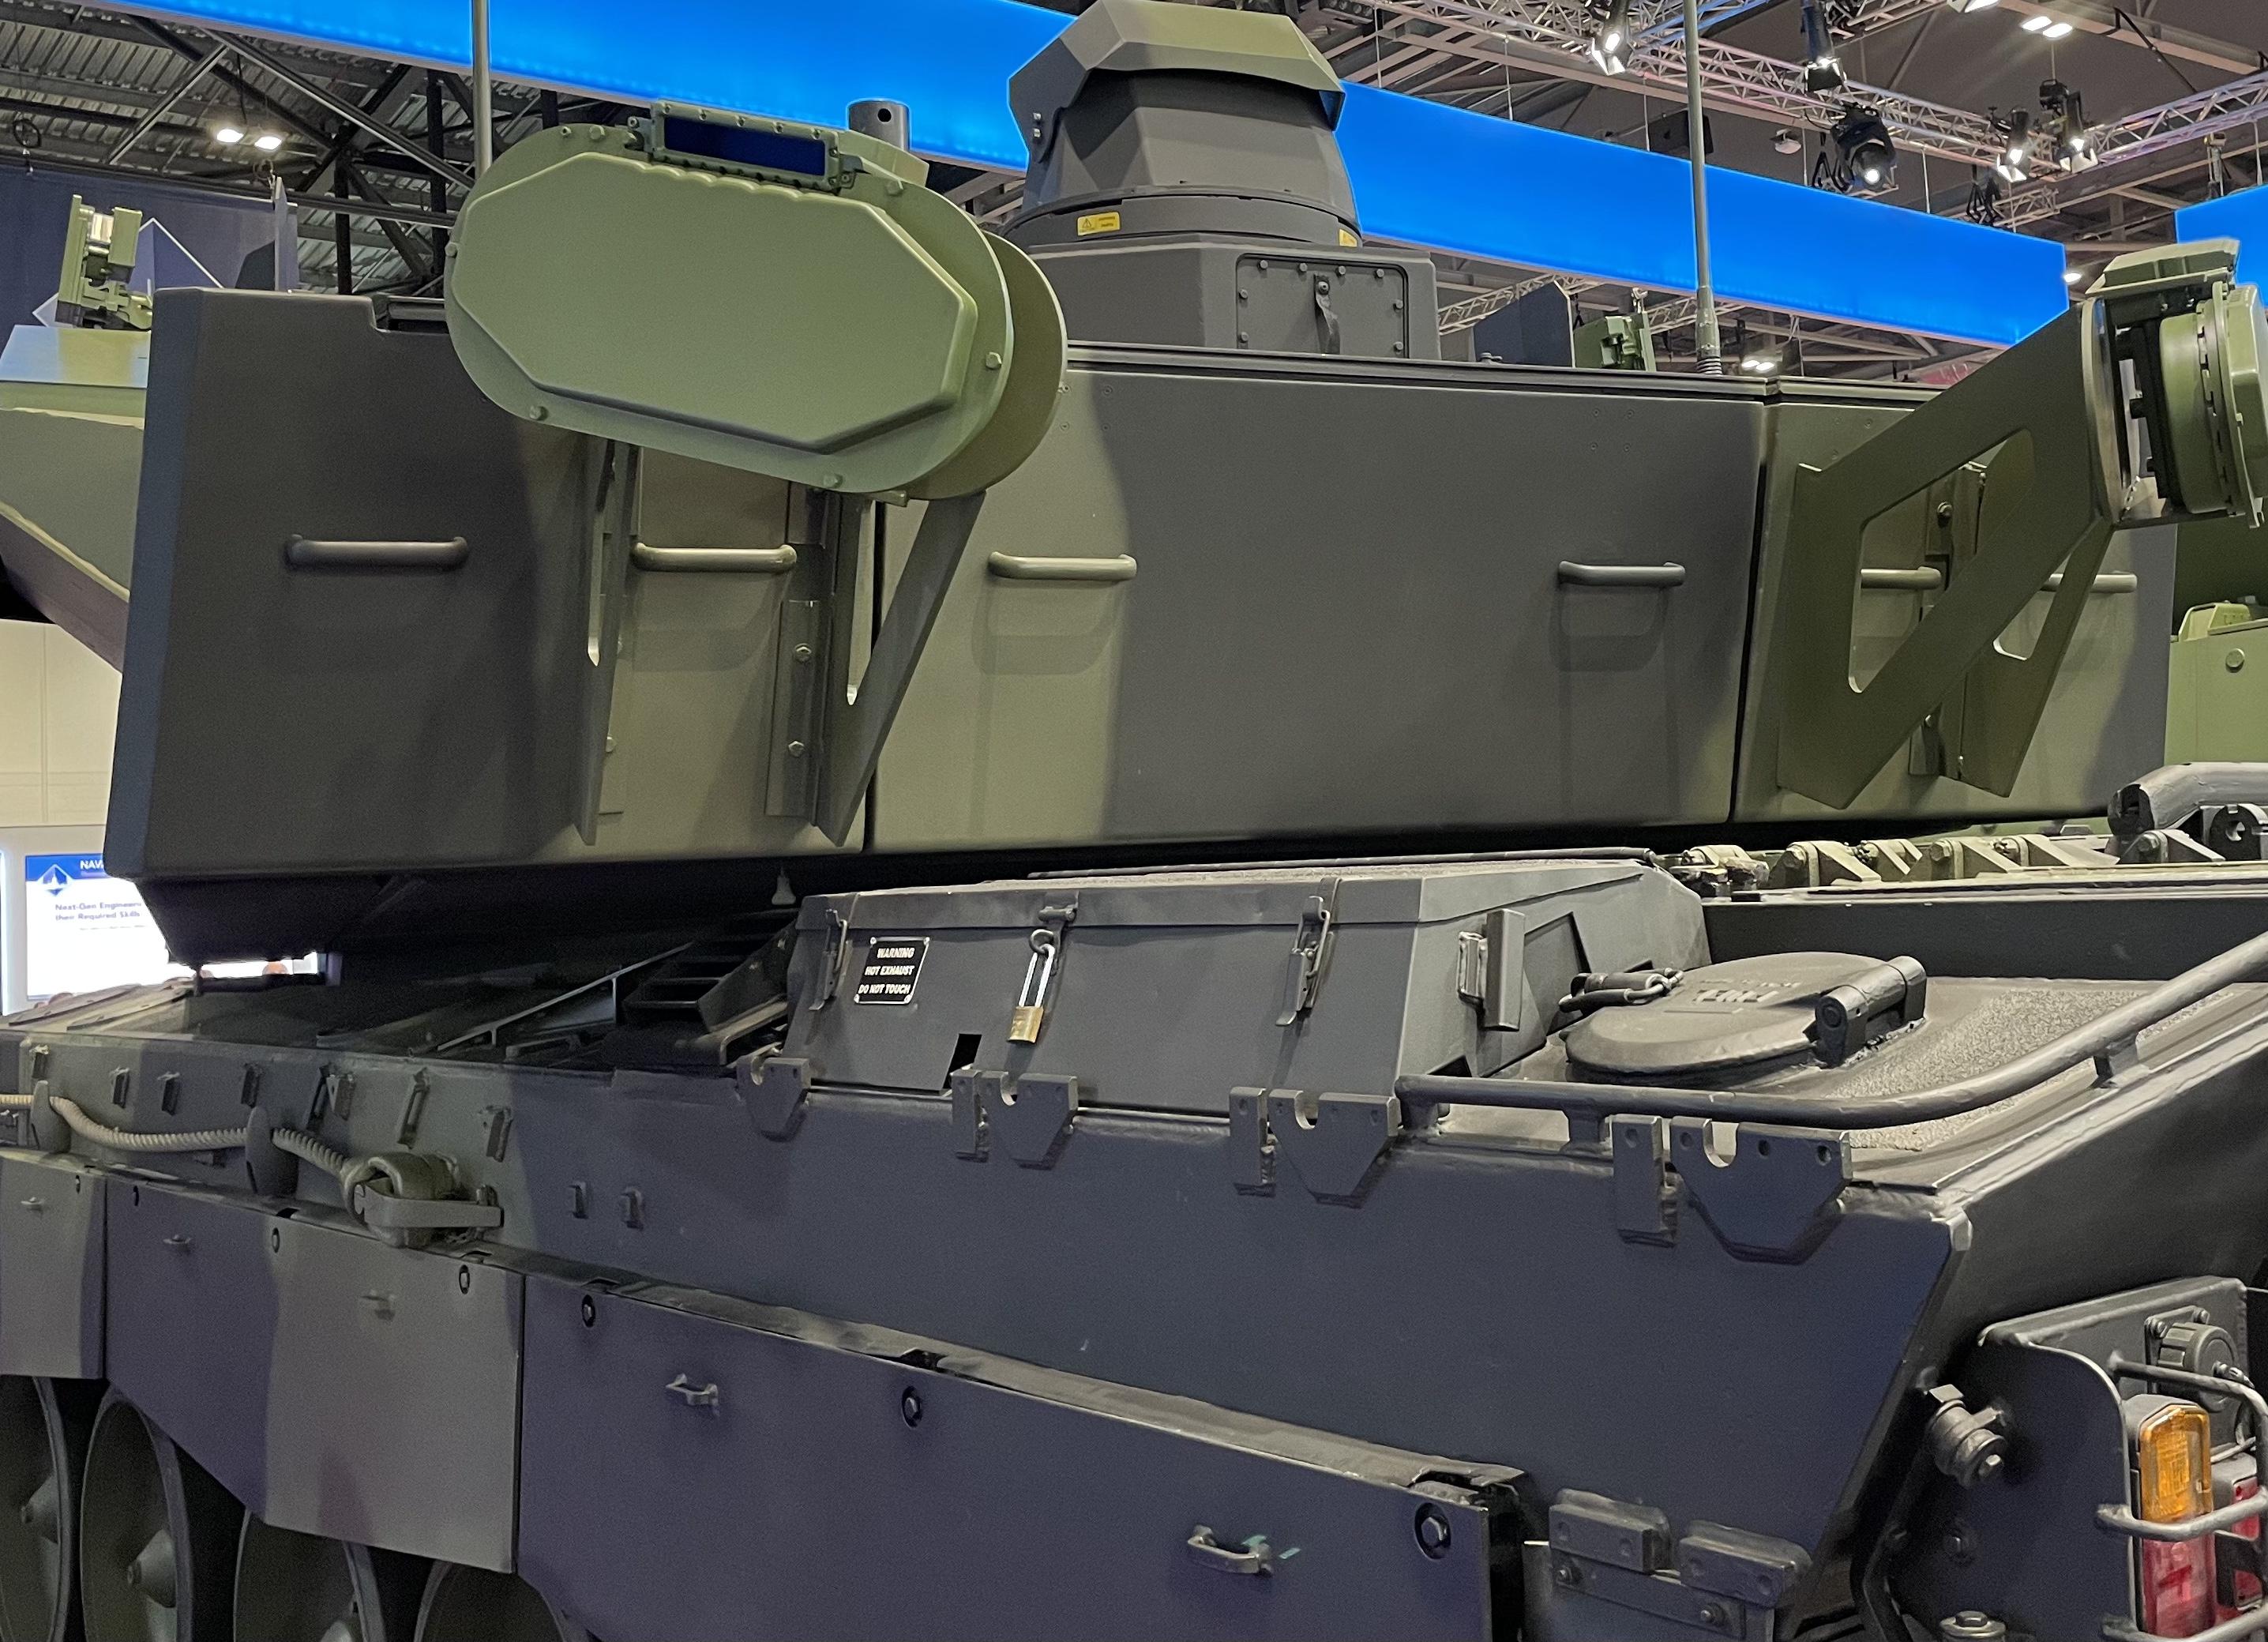 D1009A91-B281-4C6F-A0E9-E473EF1E1B25.jpeg